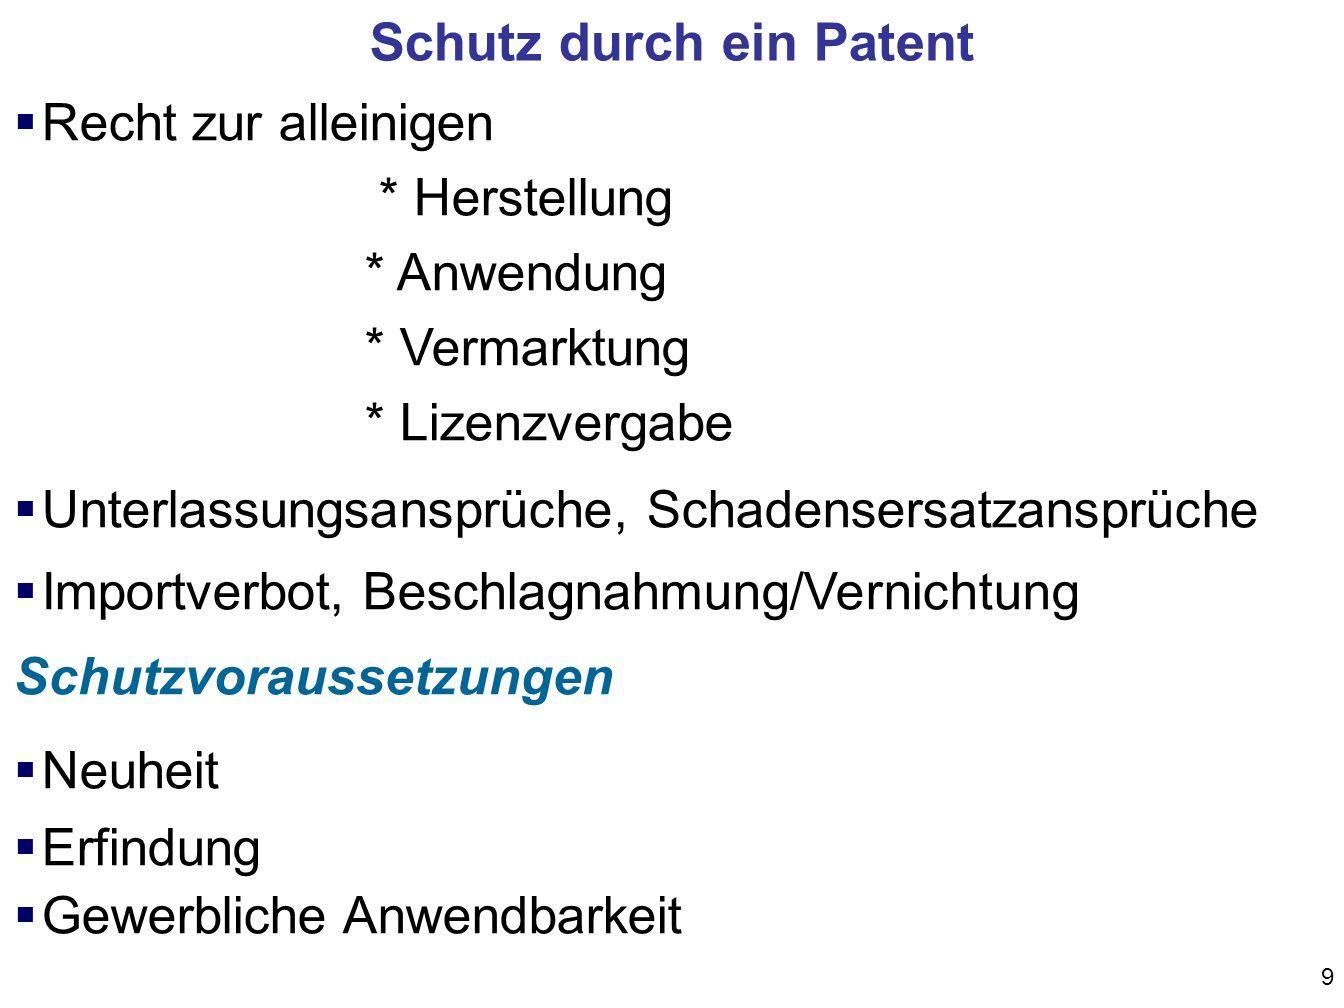 Schutz durch ein Patent